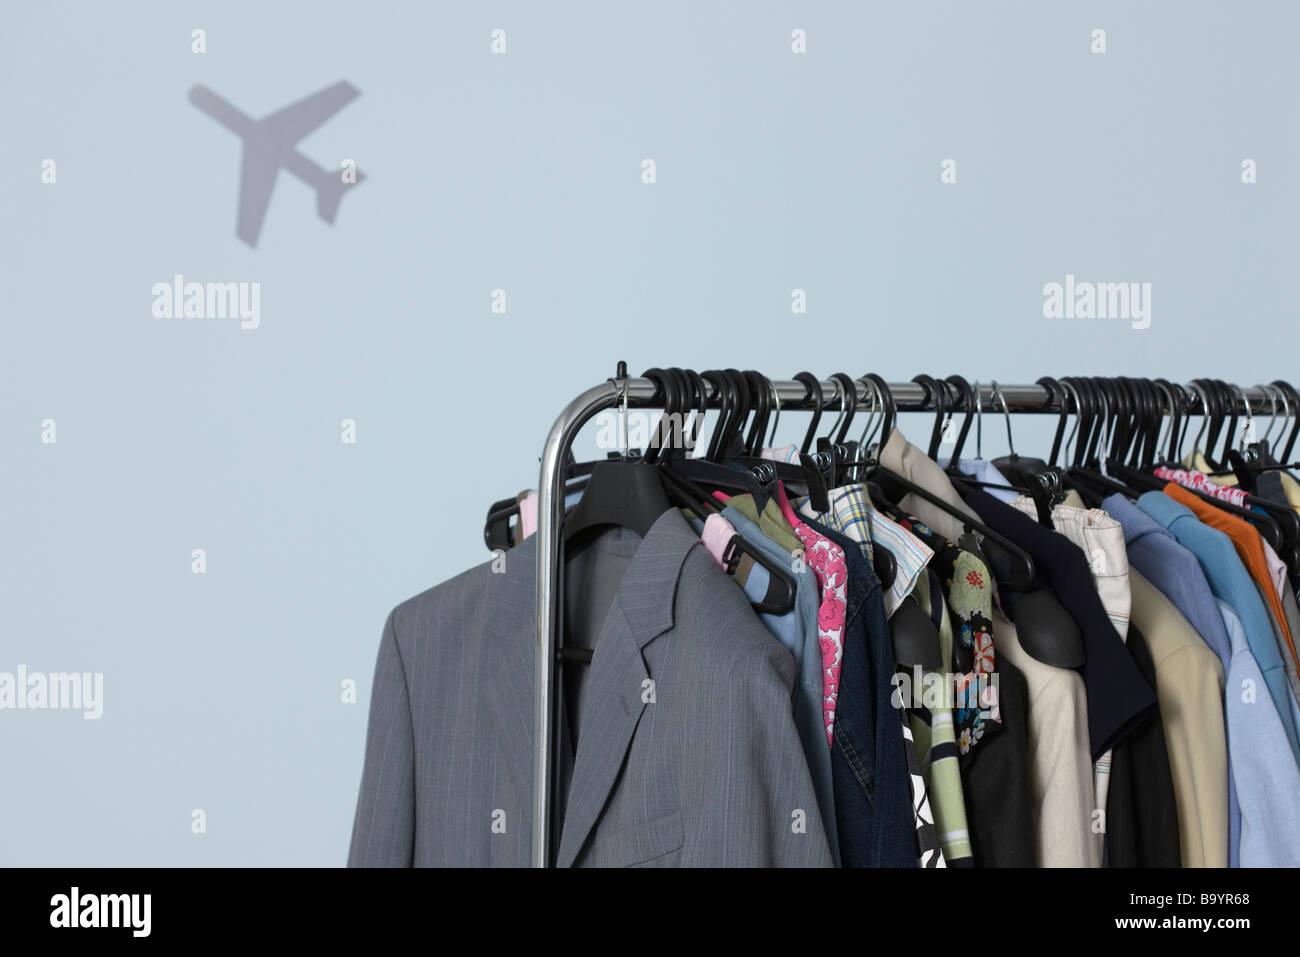 Rack di abbigliamento, forma di aereo in background Immagini Stock